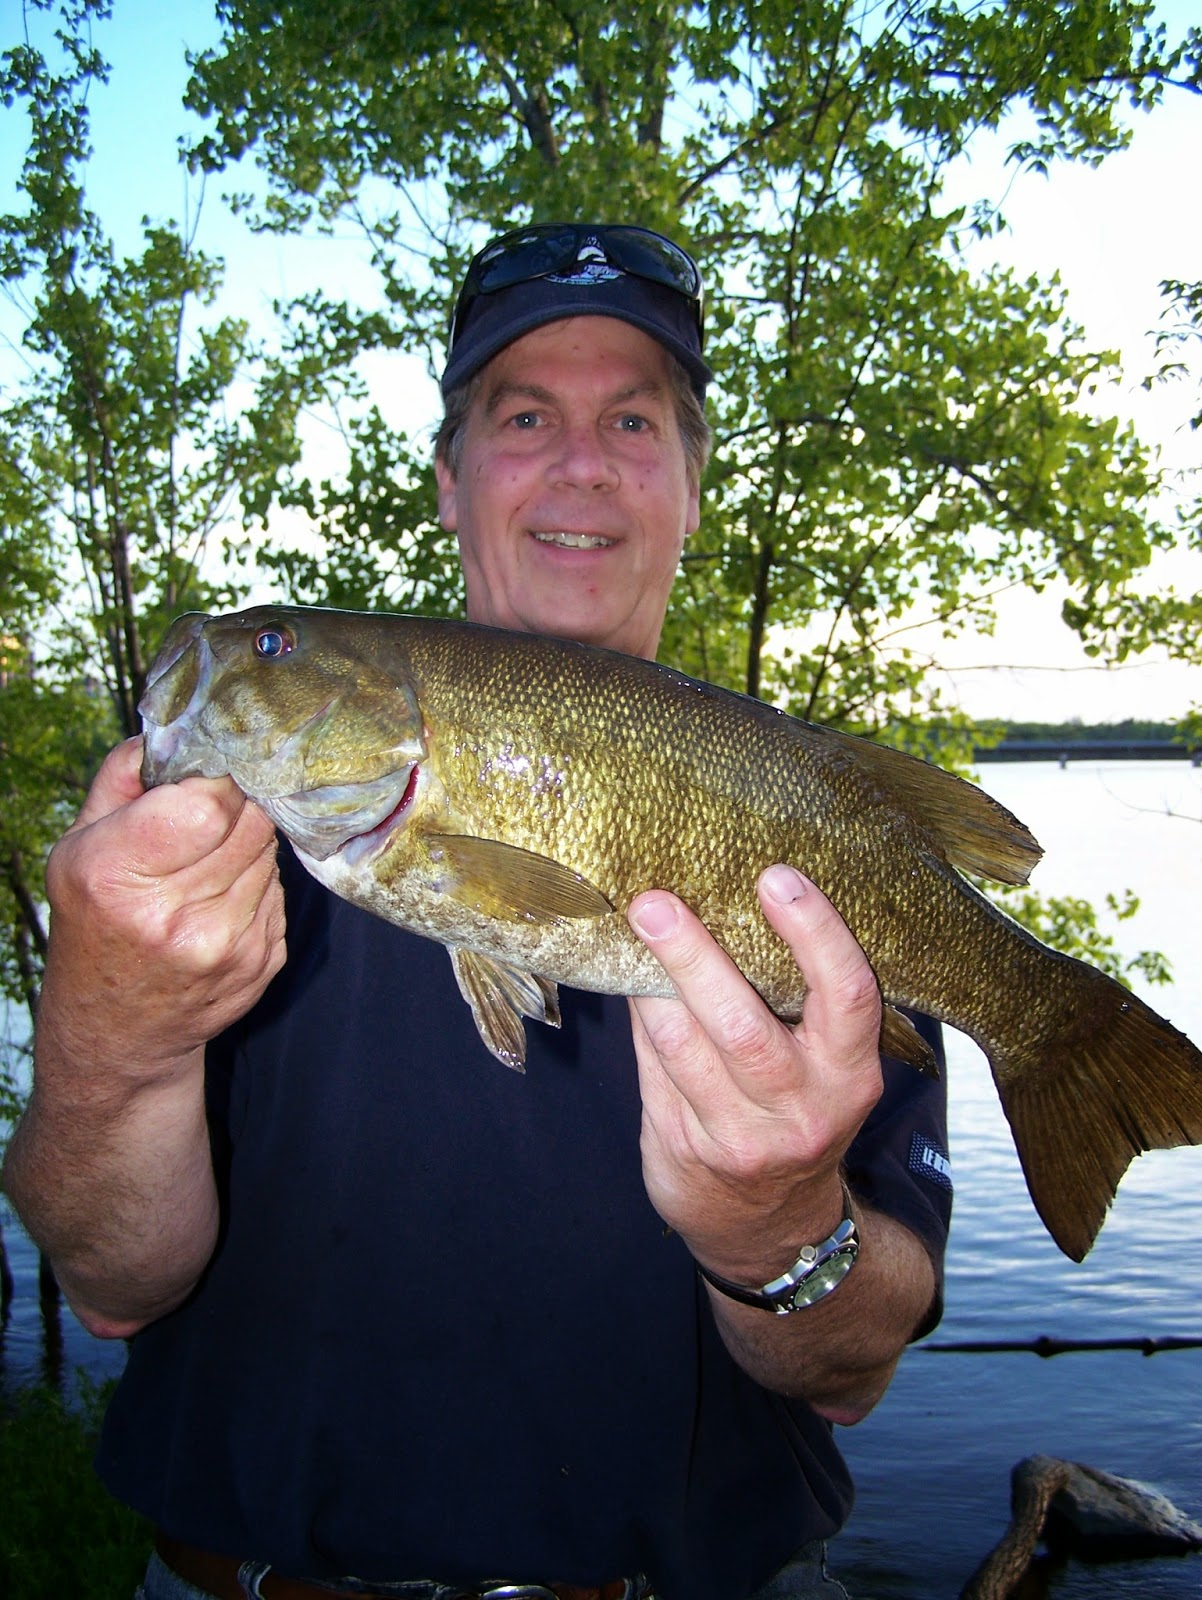 Blogue de pêche,Dix erreurs à éviter à la pêche, pêche truite, pêche rivière des Milles-îles, pêche fleuve Saint-Laurent, Daniel Lefaivre